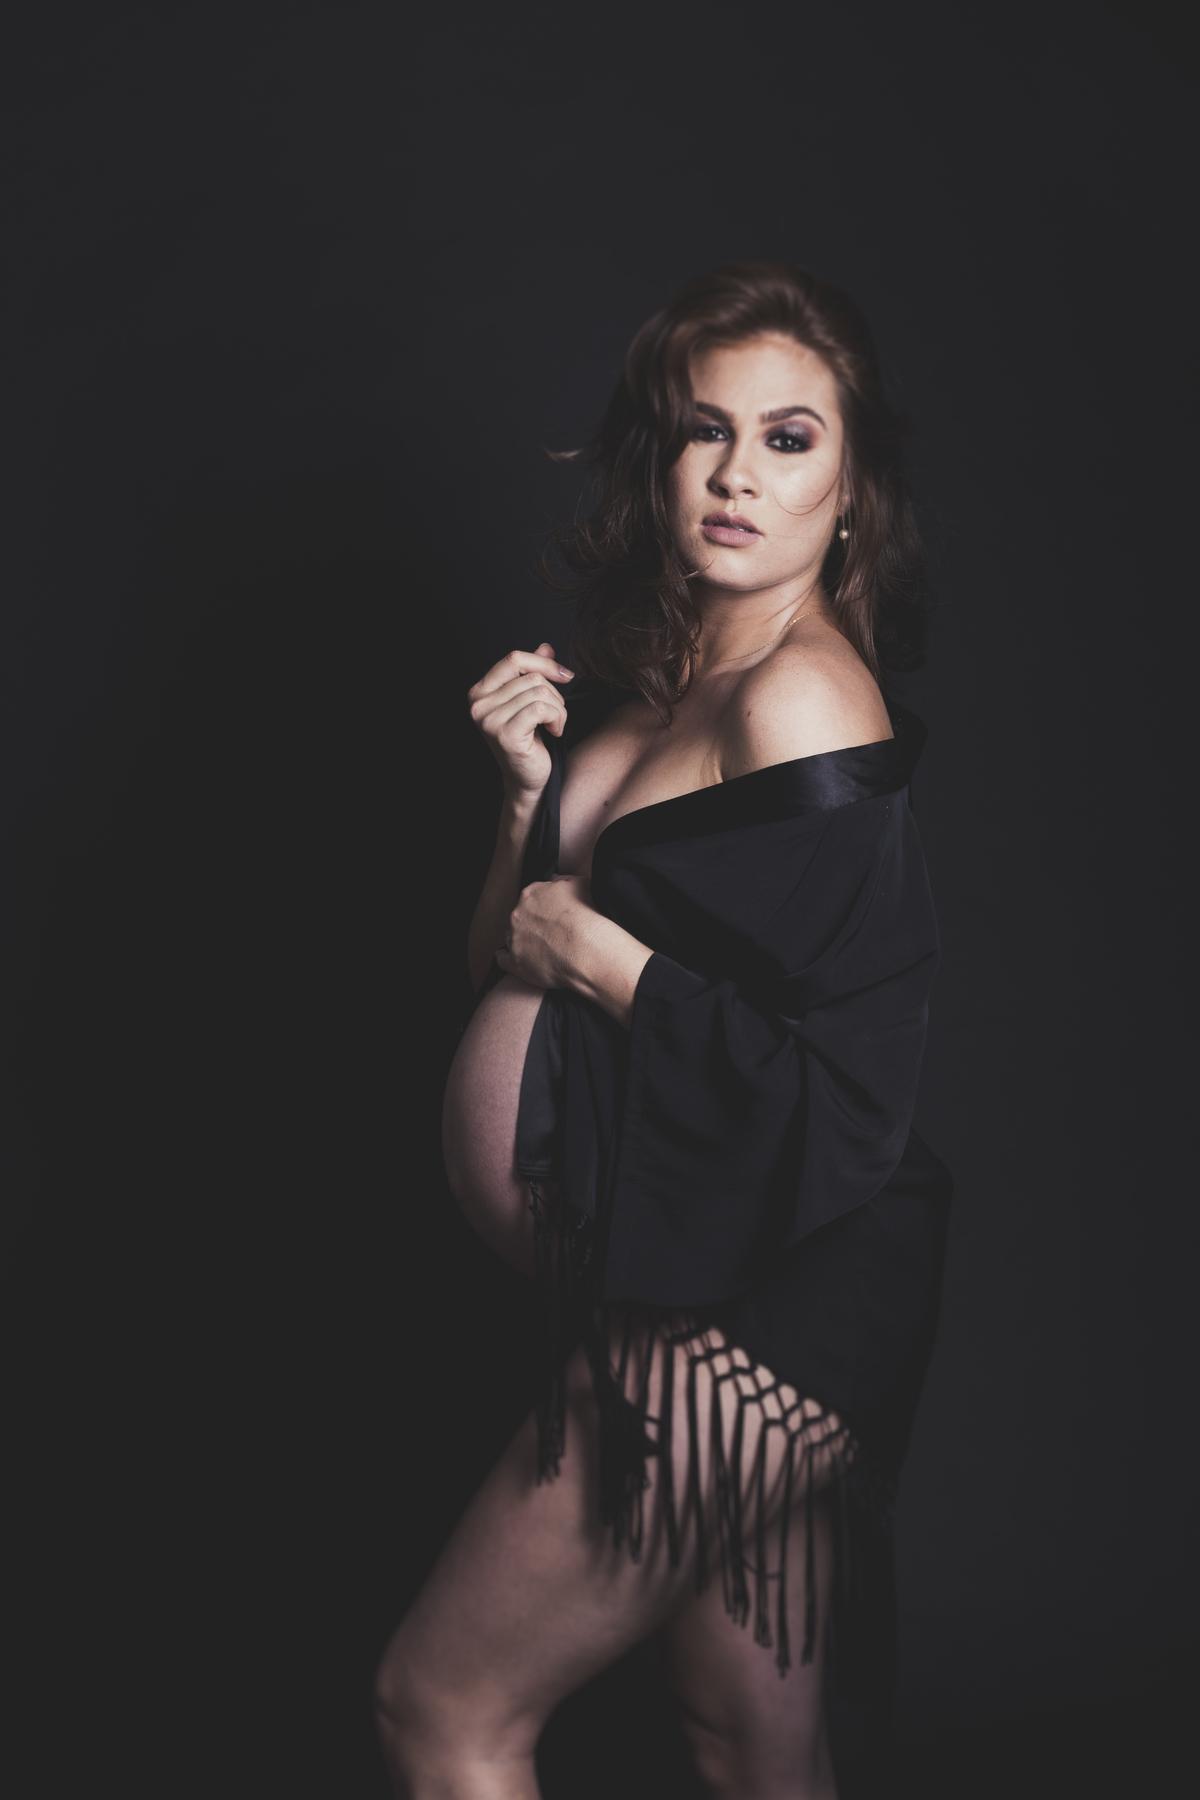 Gestante sexy, elegante , 32 semanas de gestação, em ensaio fotográfico, Brasilia DF, Gabi Aine